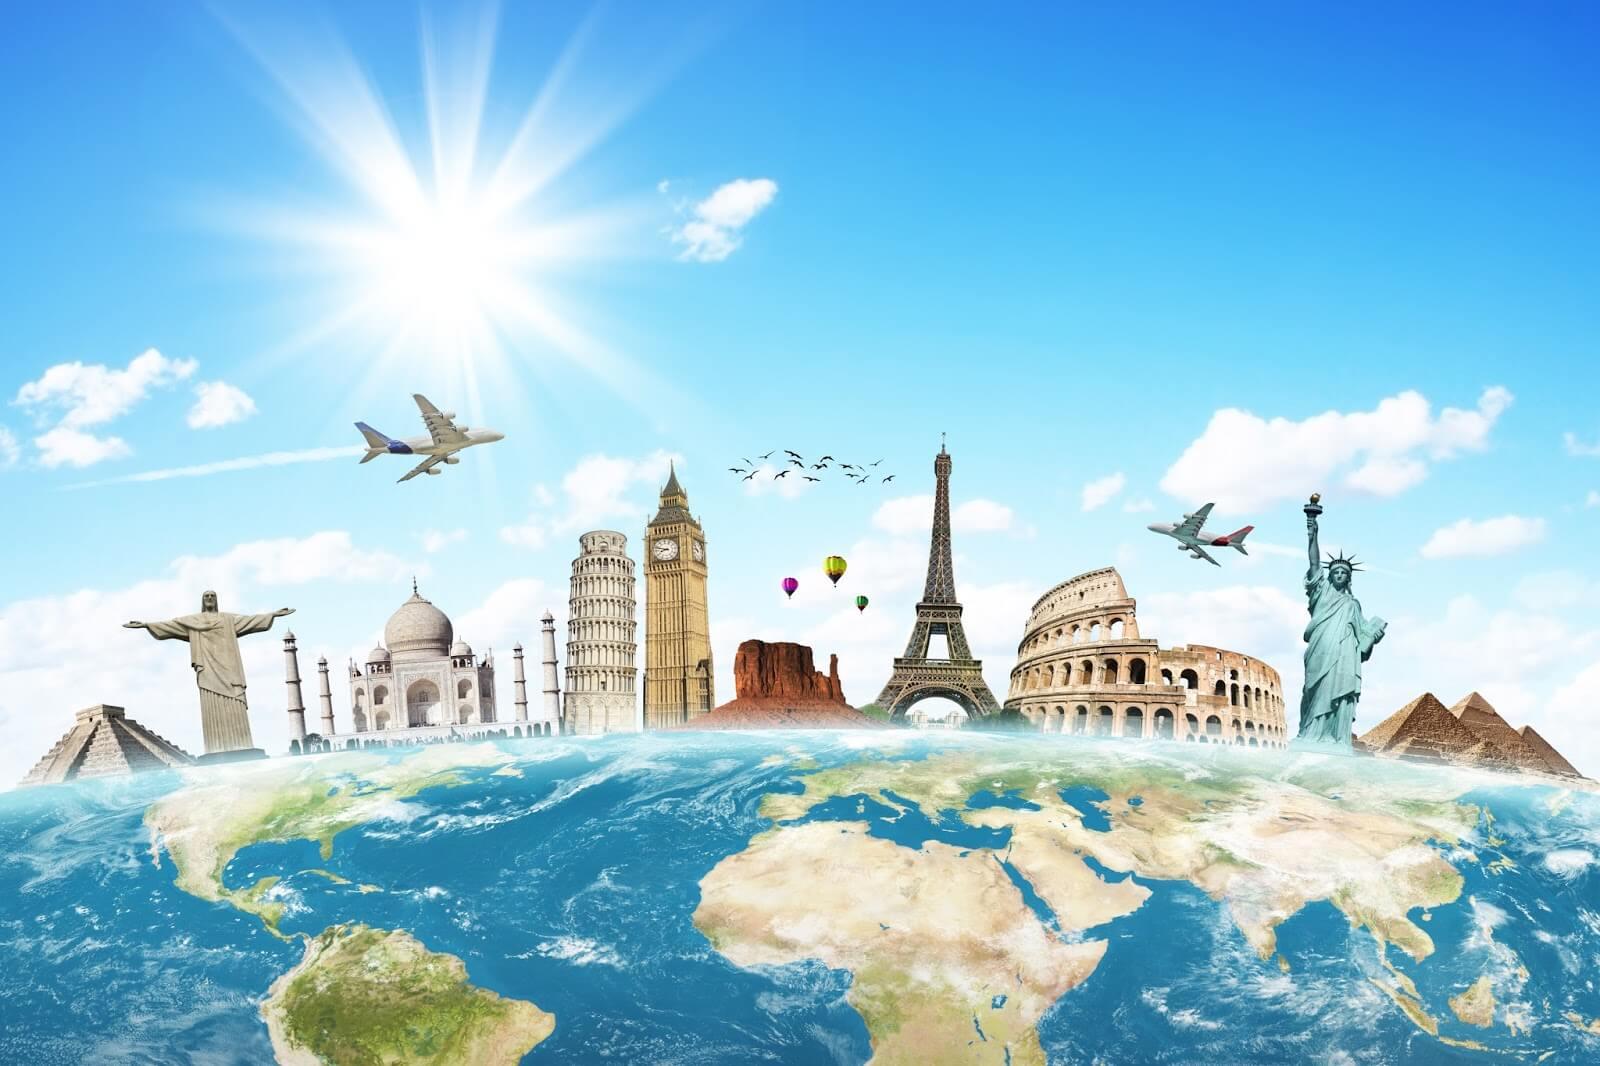 رهگیری قیمت هتل و هواپیماهای مسافربری؛ گوگل، پرواز و هتل مناسب شما را پیدا میکند